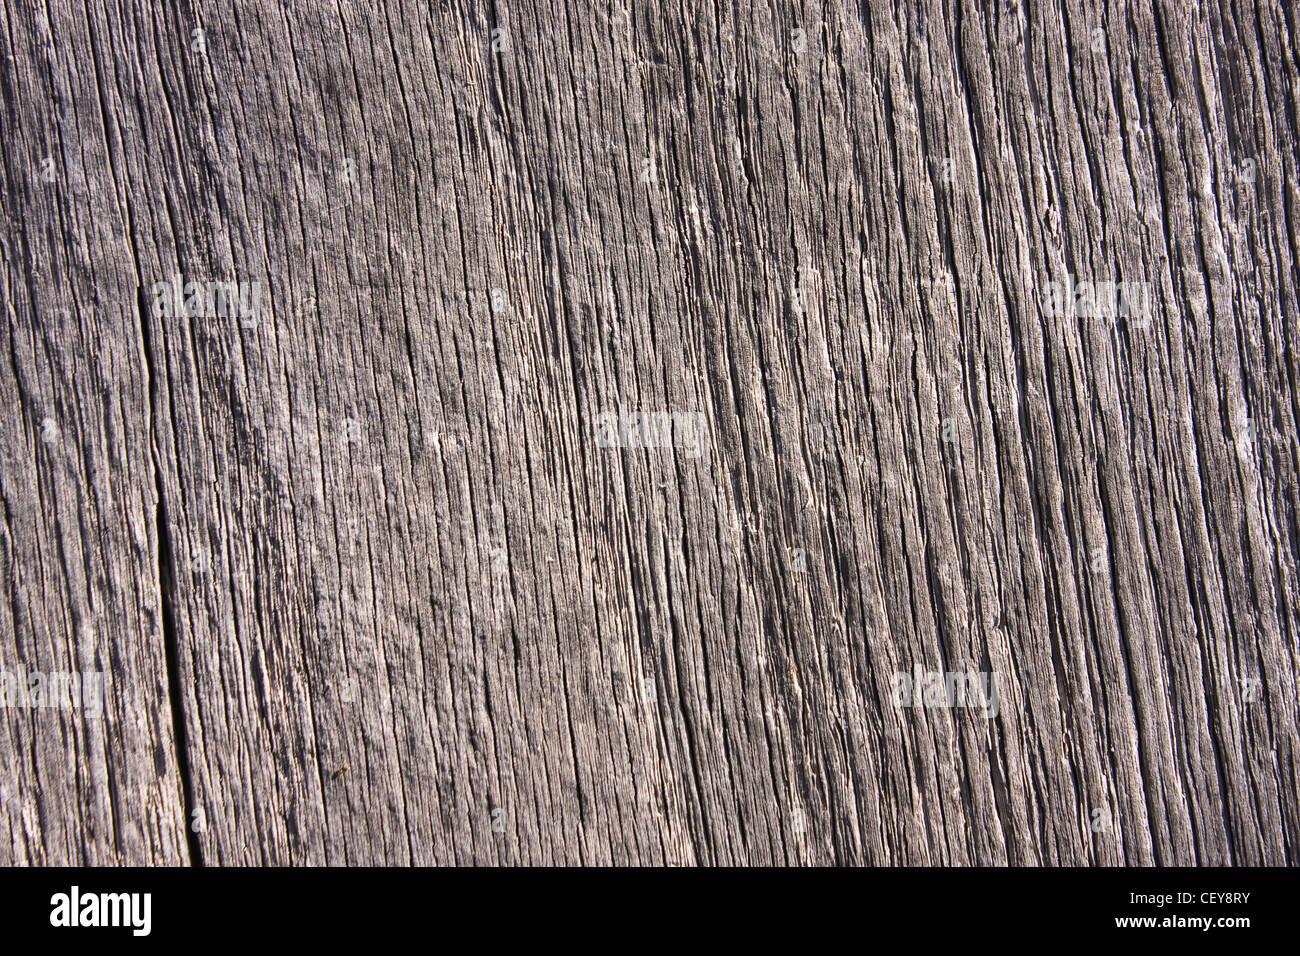 La texture d'un bois, de détails Photo Stock